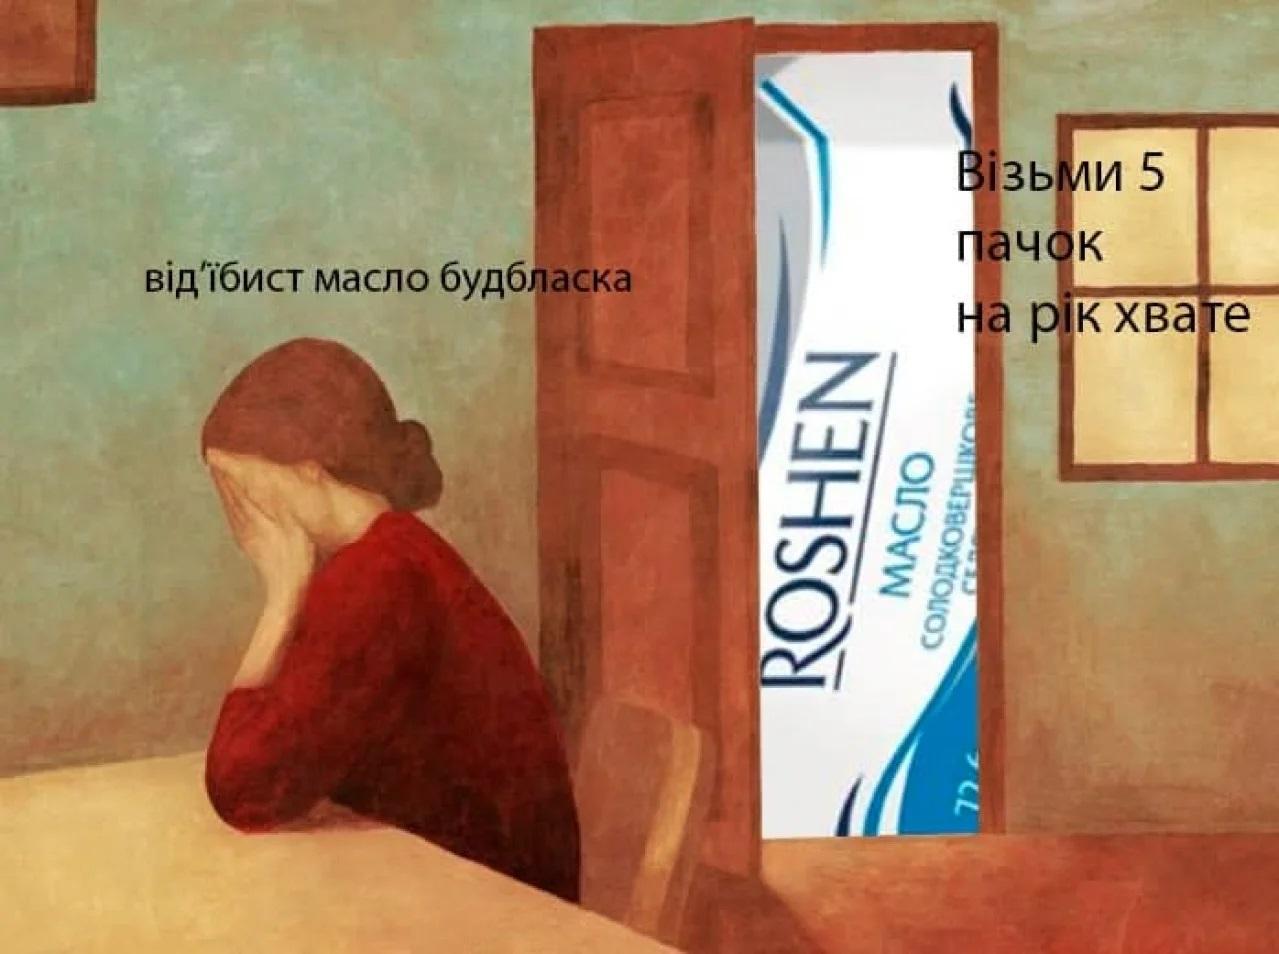 Компанія Roshen запустила в продаж вершкове масло: реакція соцмереж